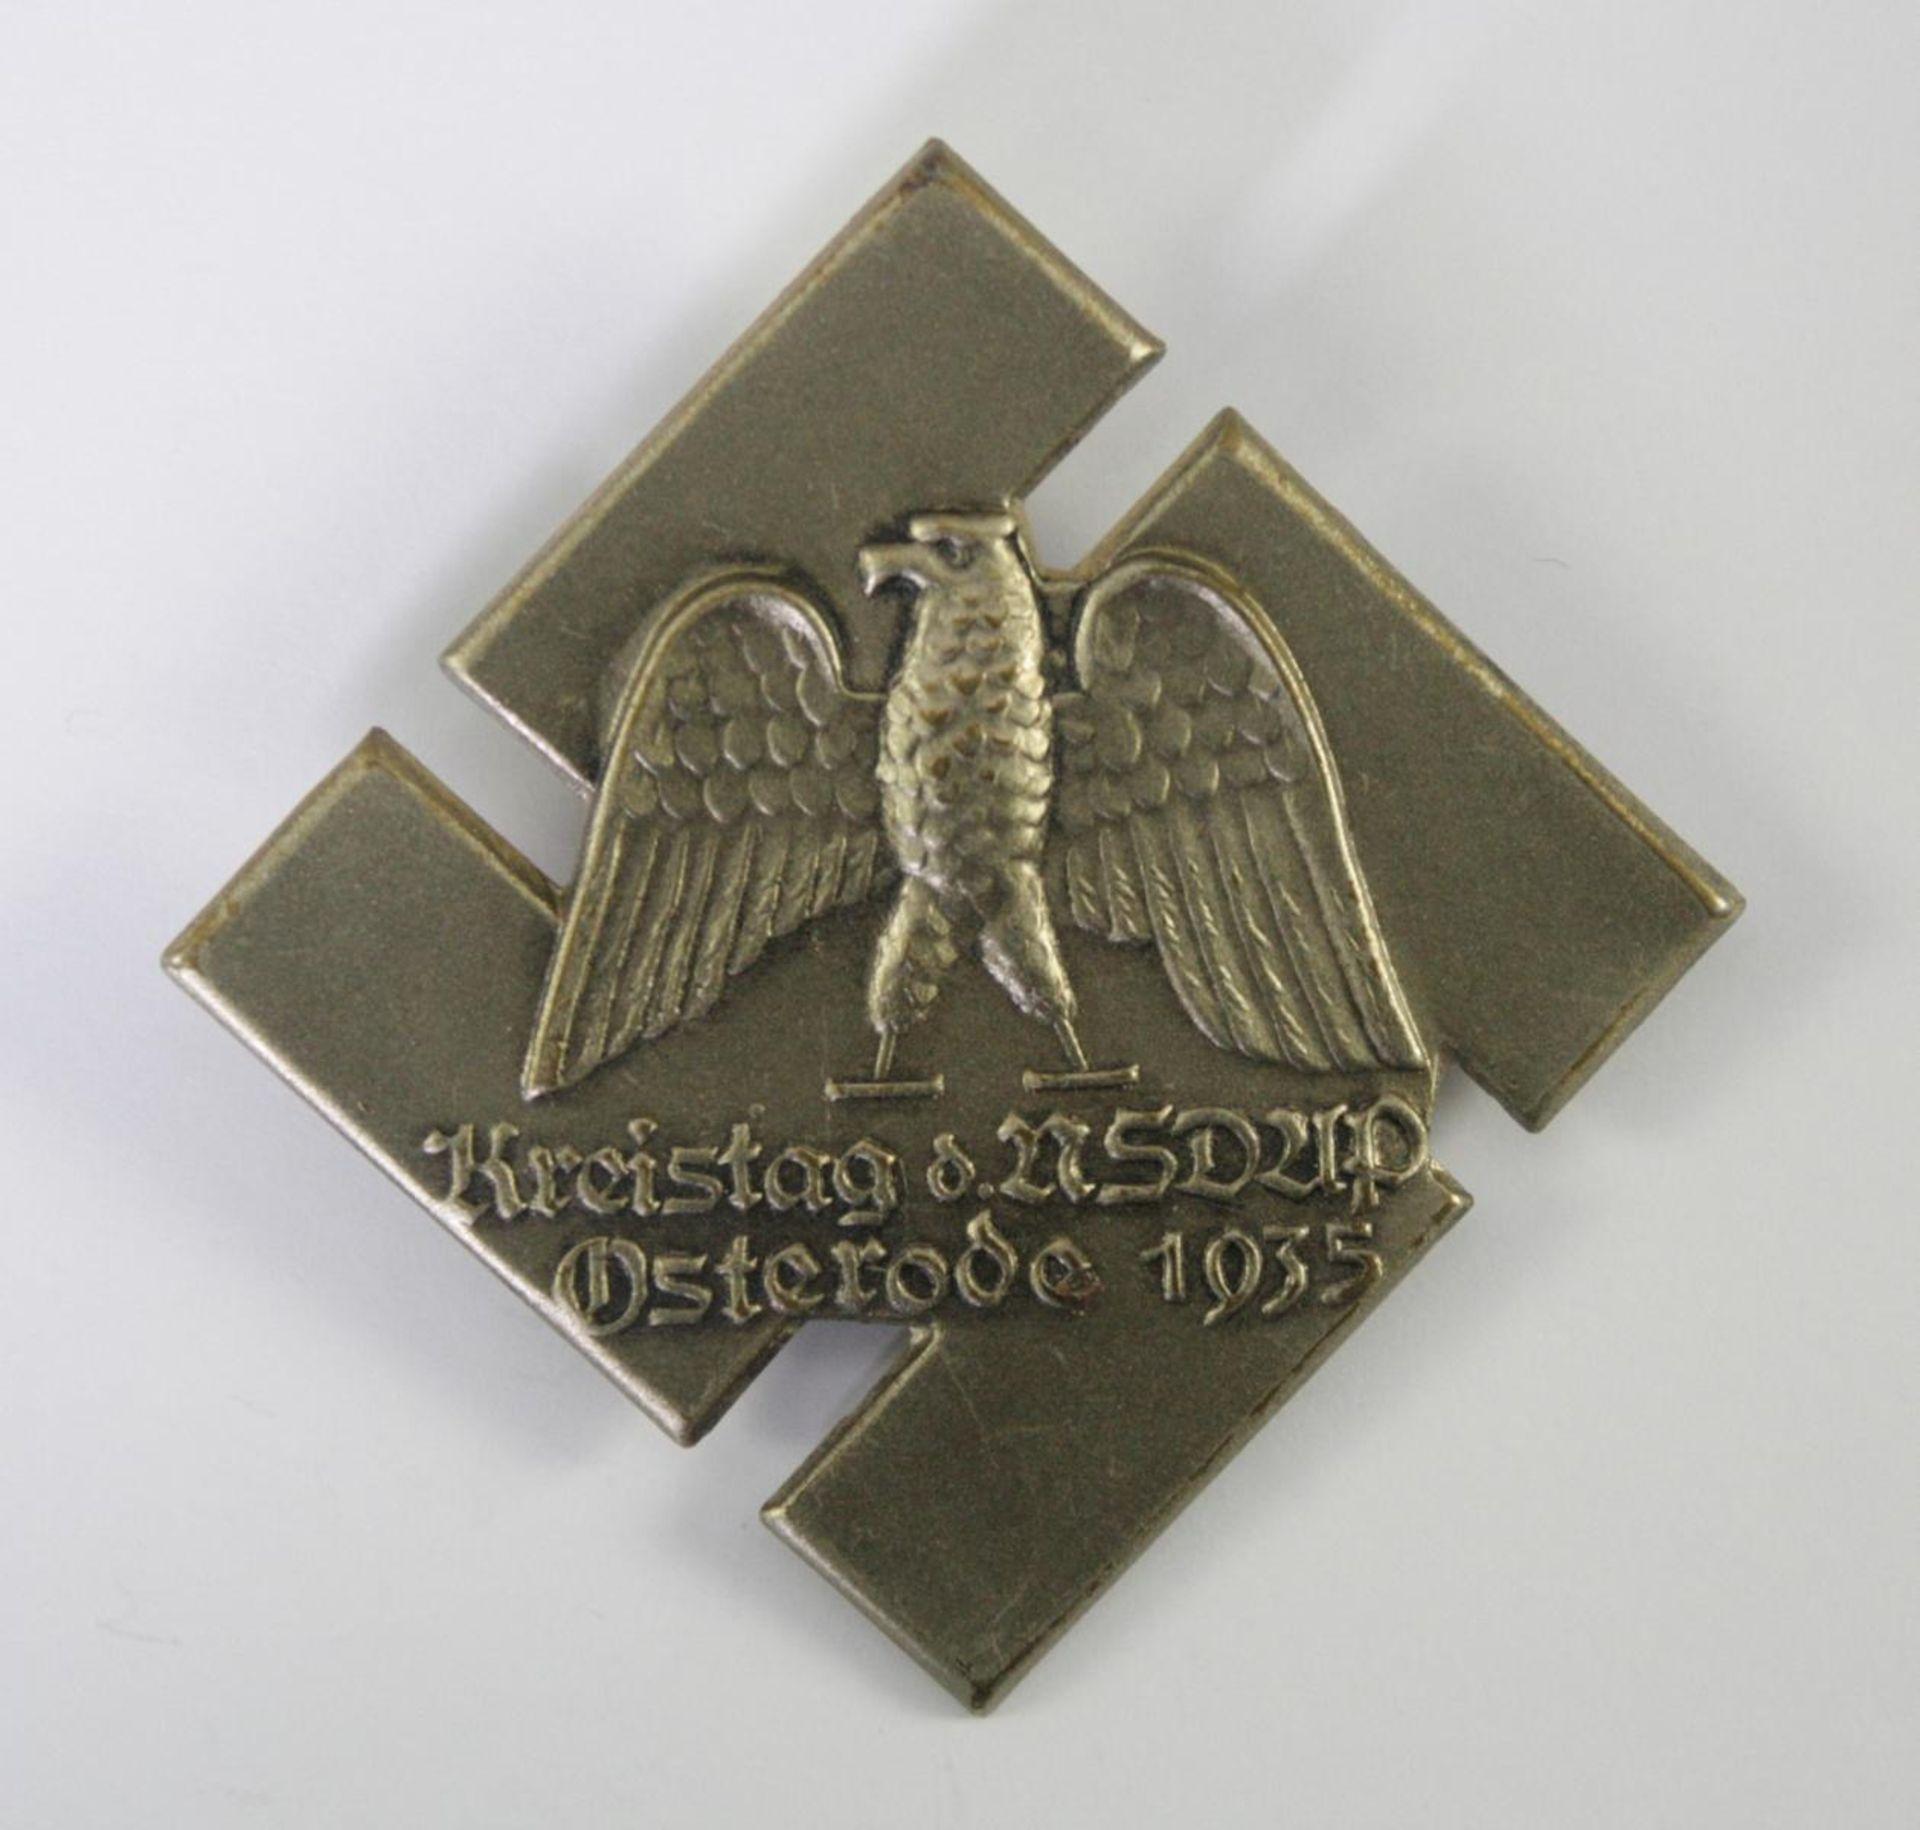 Abzeichen: Kreistag der NSDAP Osterode 1935